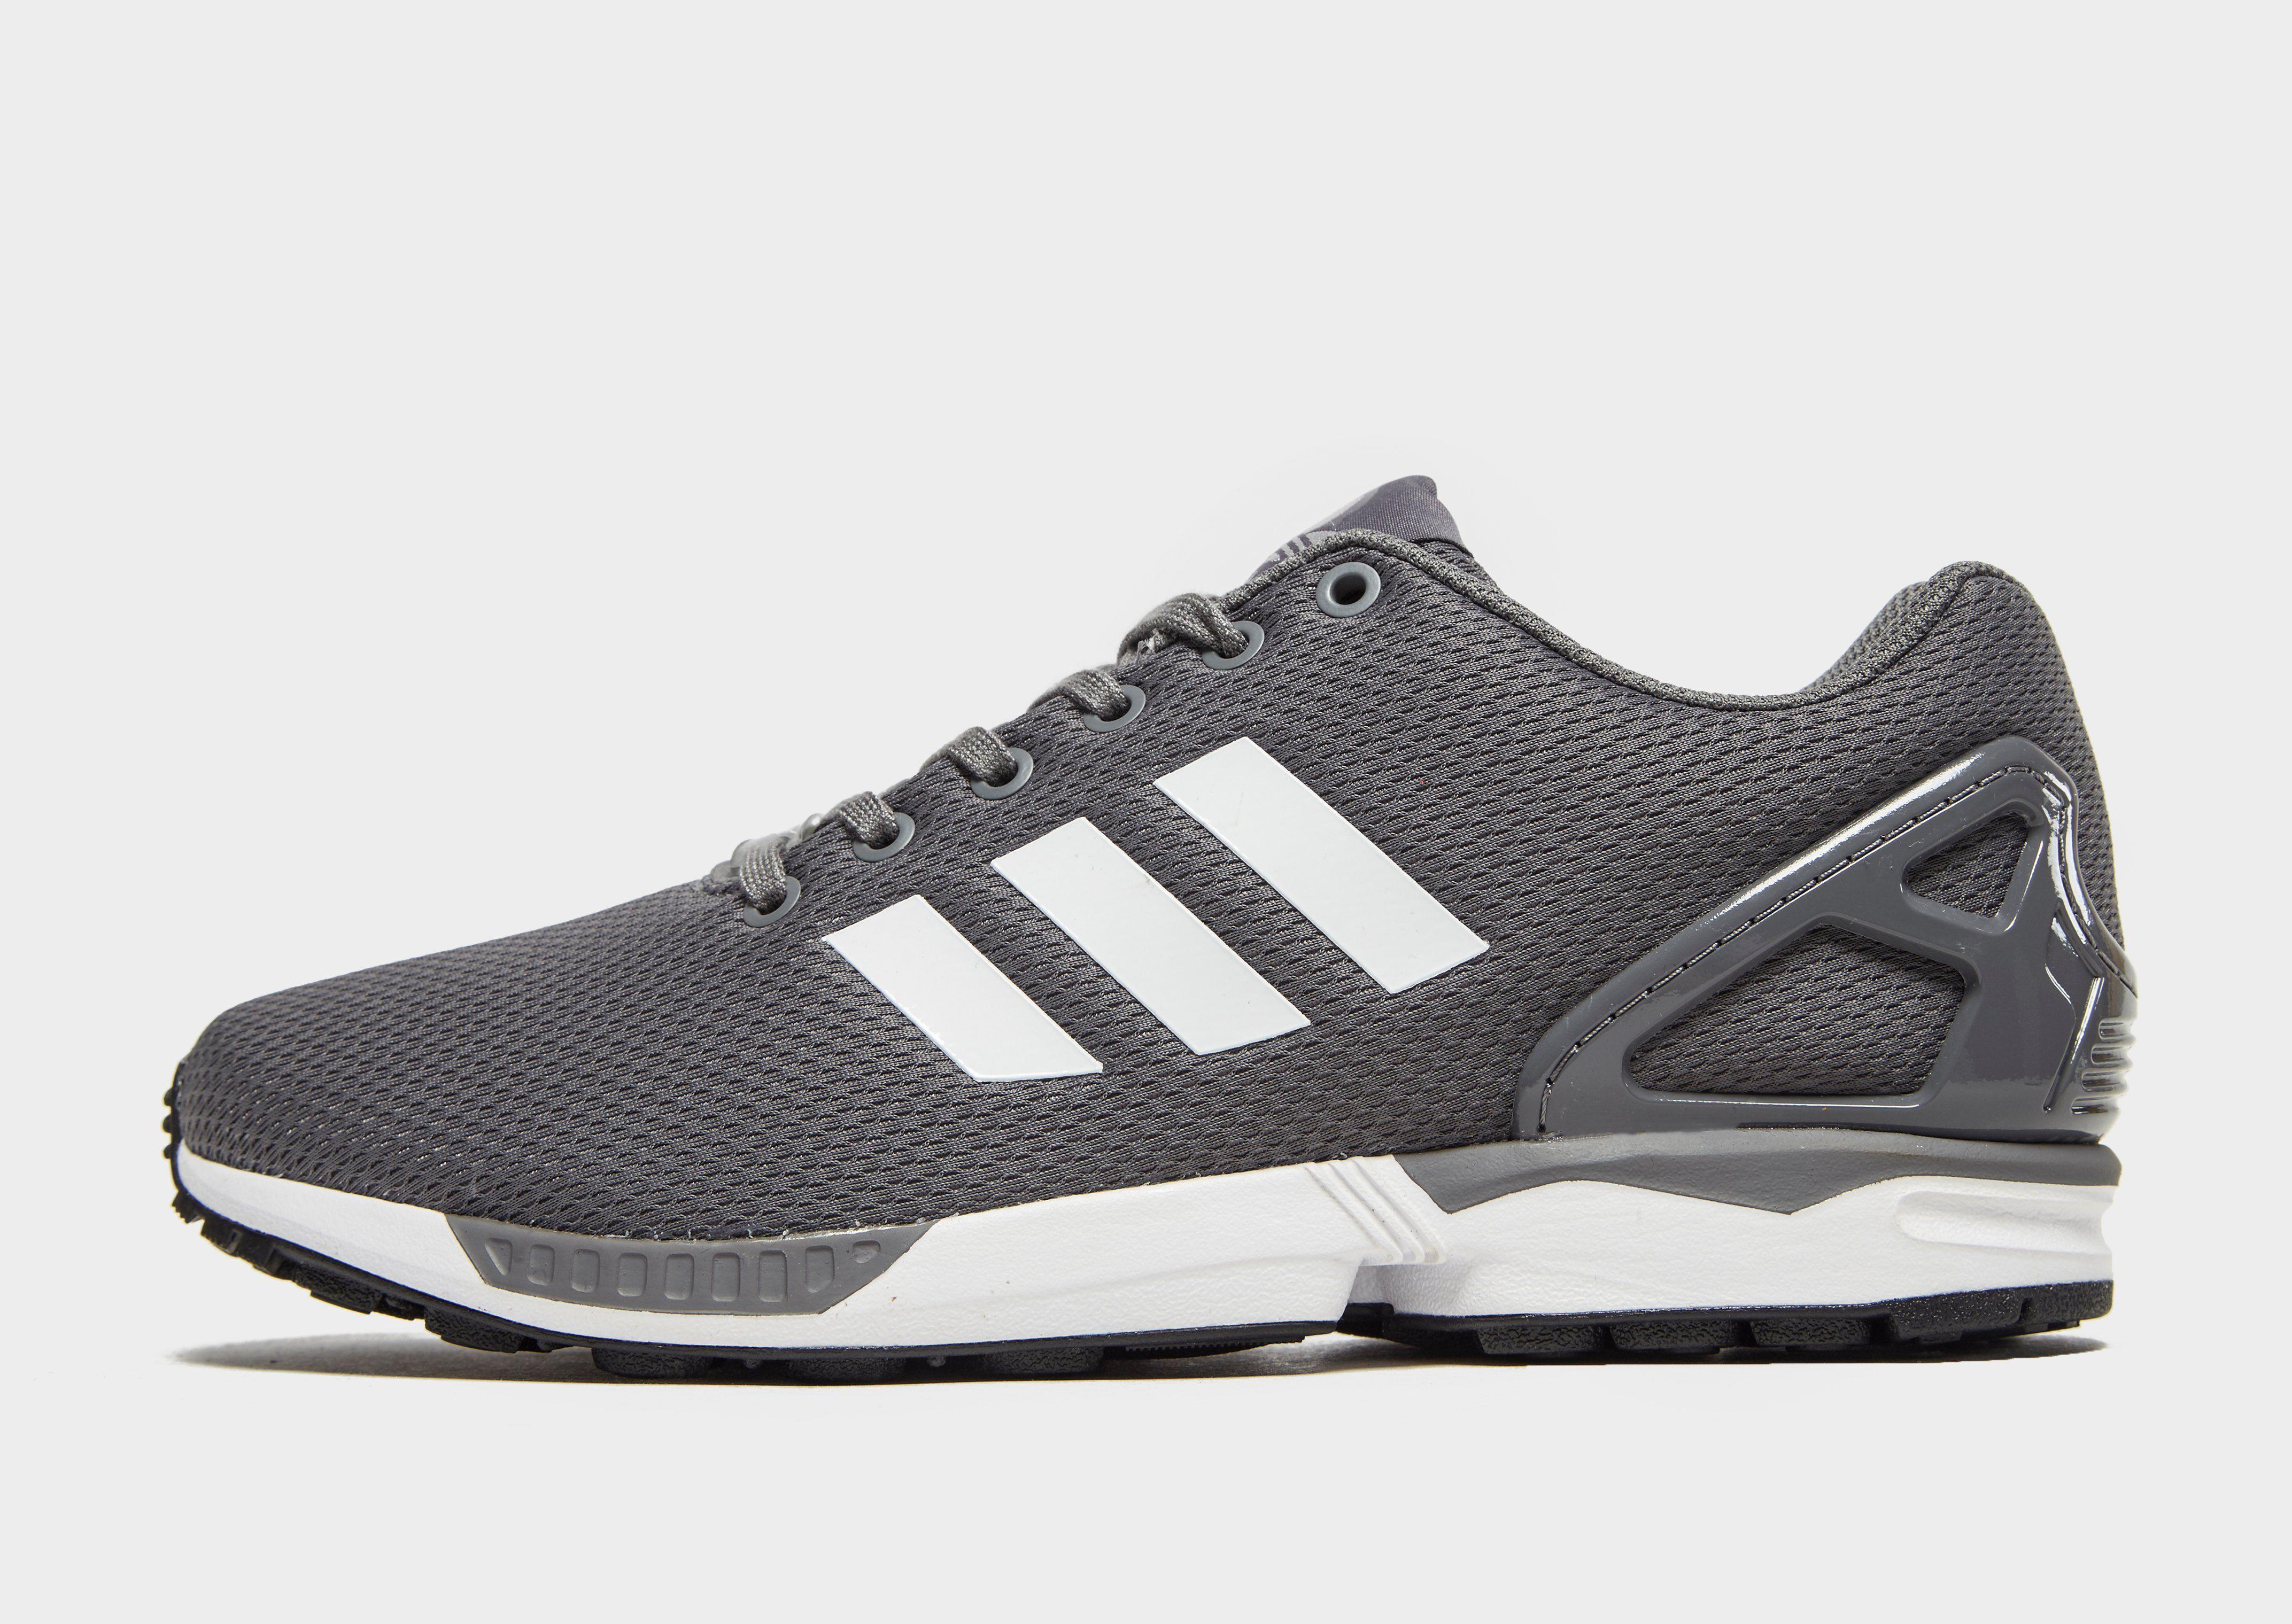 Adidas Skor Spara upp till 70% | Adidas Originals Dam Zx